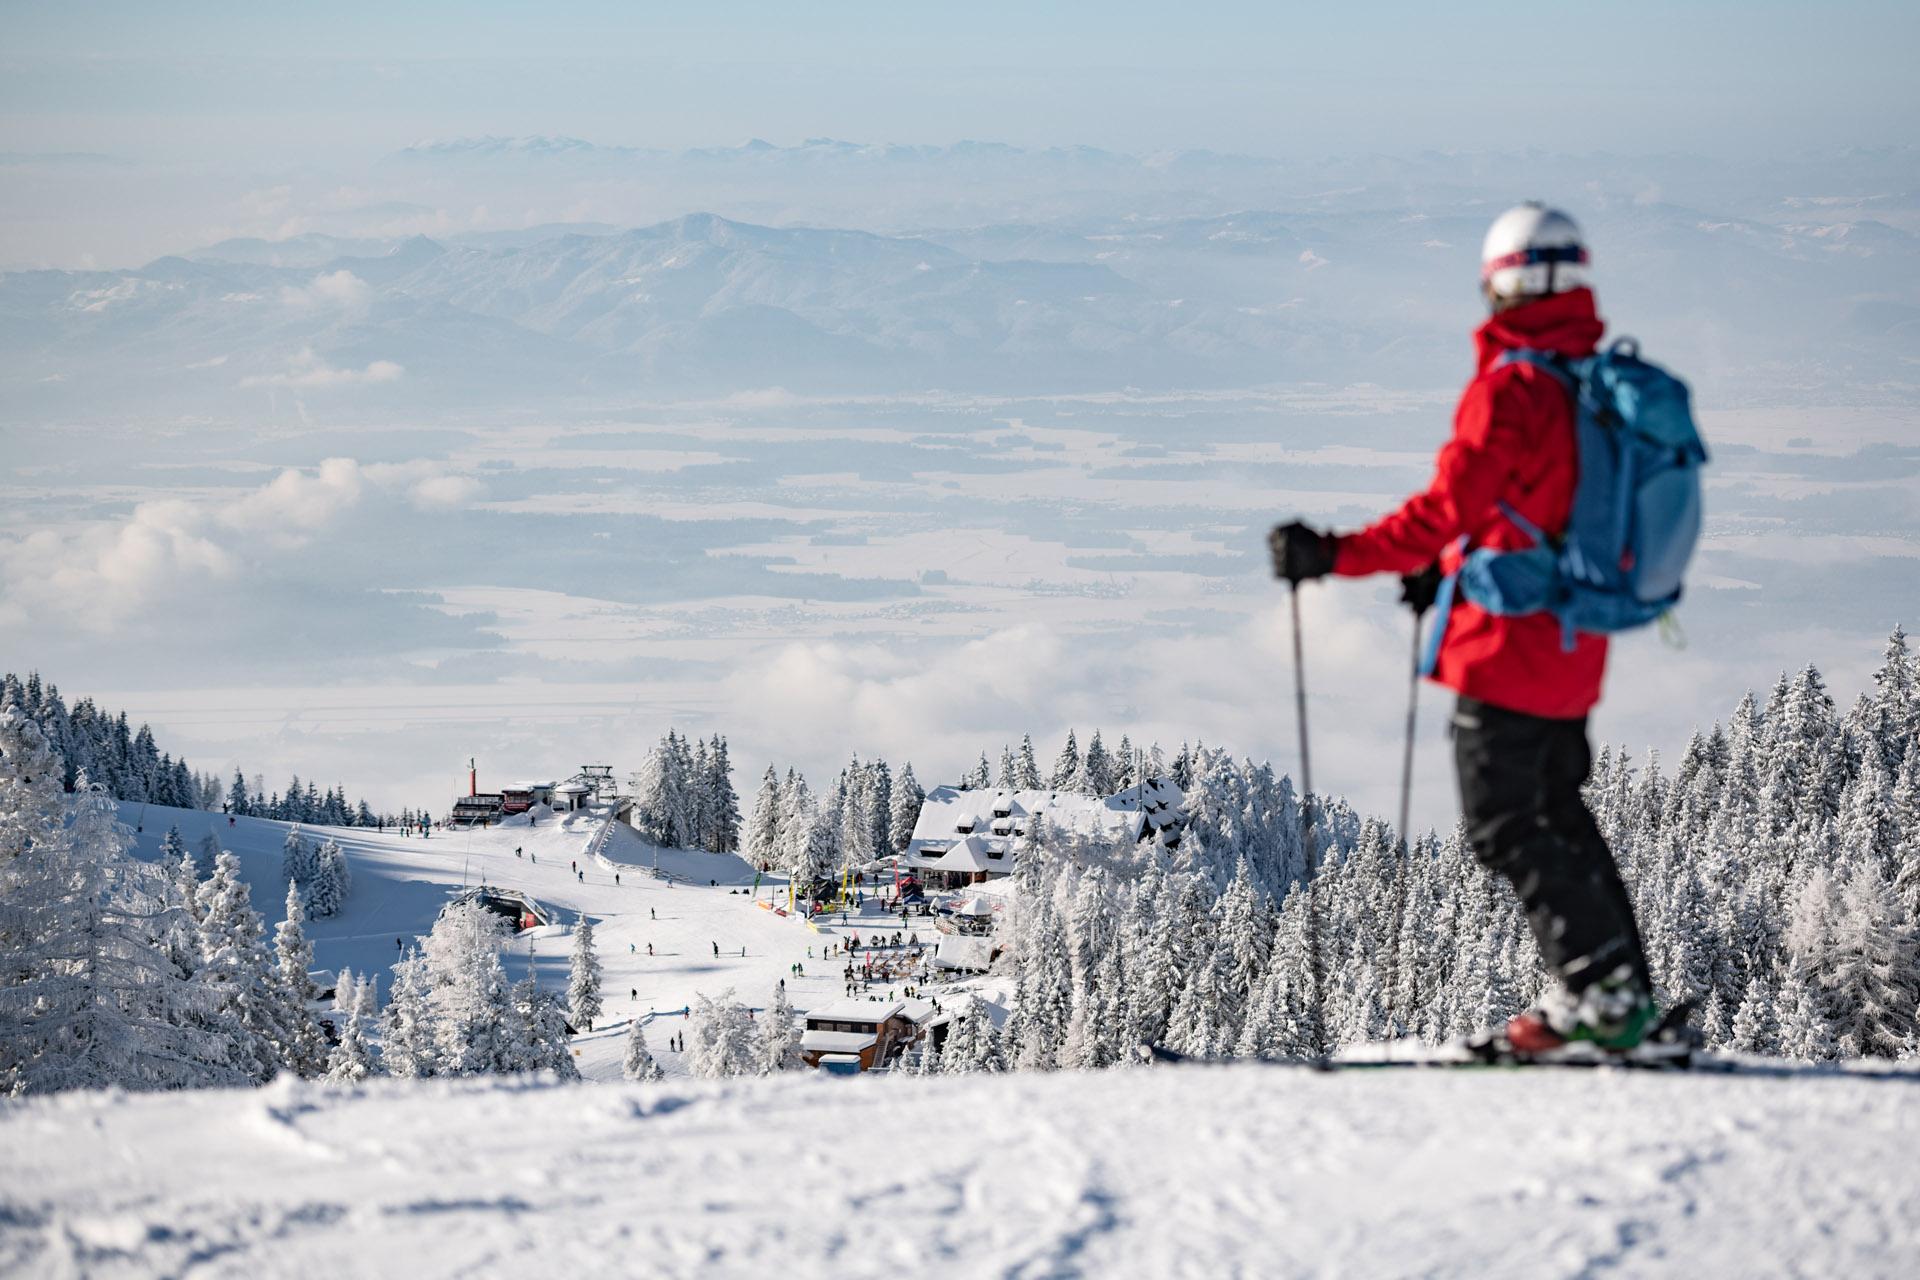 Krvavec - skiing